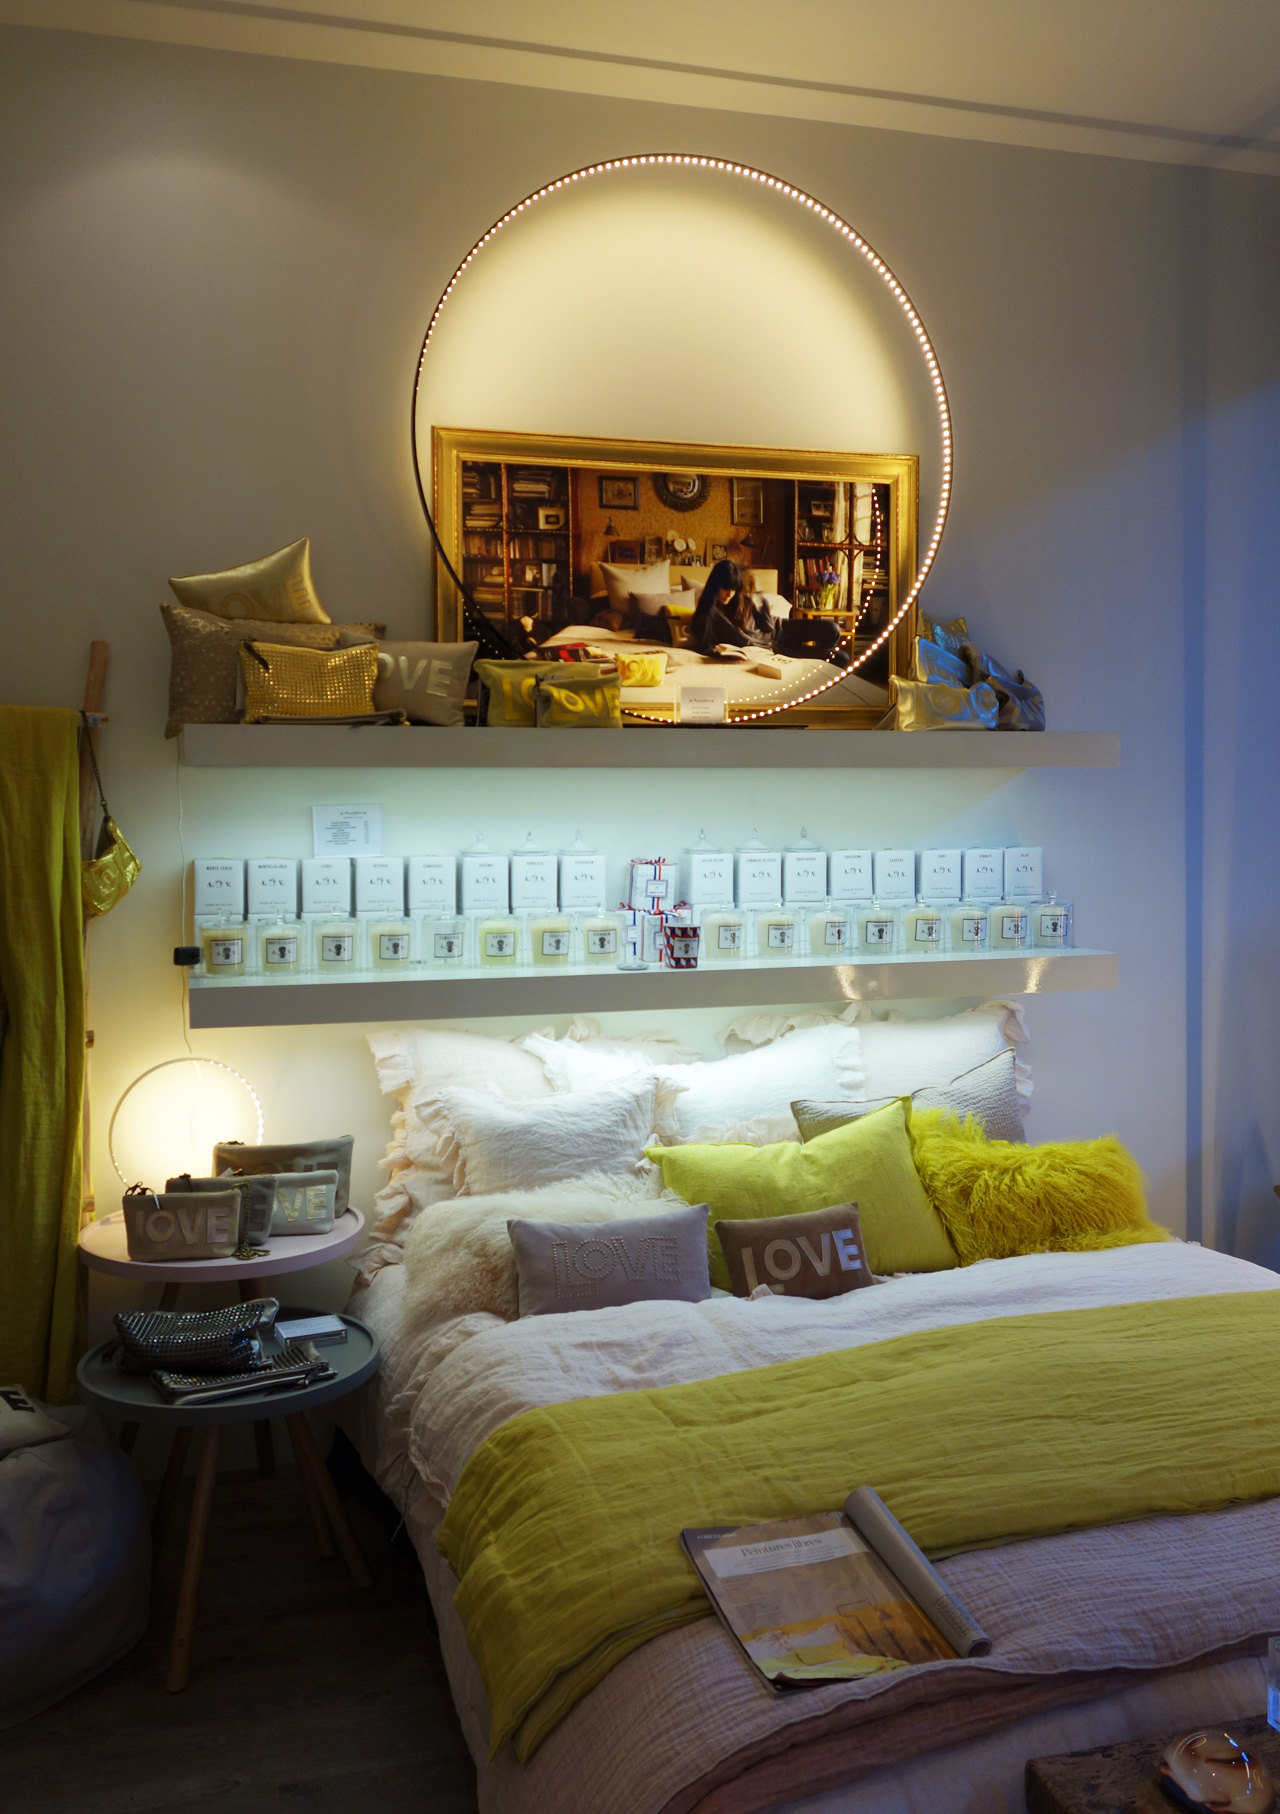 Maison-de-Vacances-lit-lampe